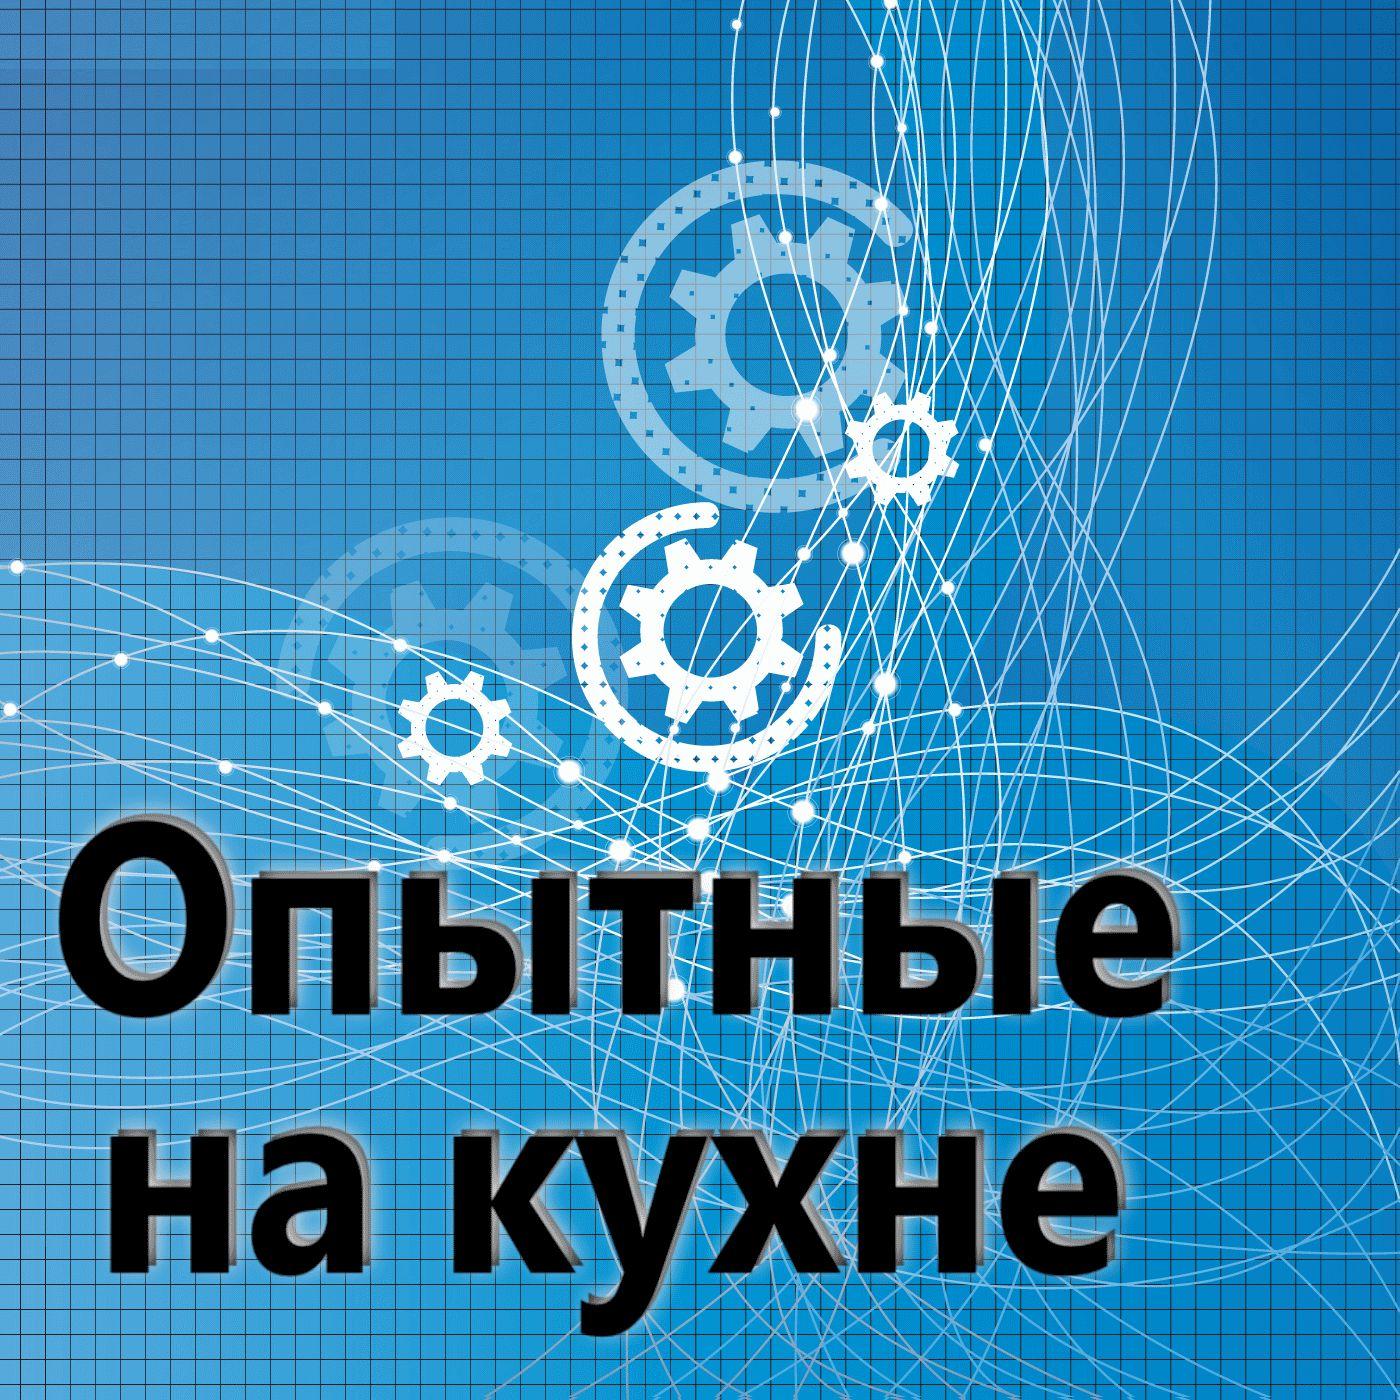 Евгений Плешивцев Опытные на кухне №003 евгений плешивцев опытные на кухне 002